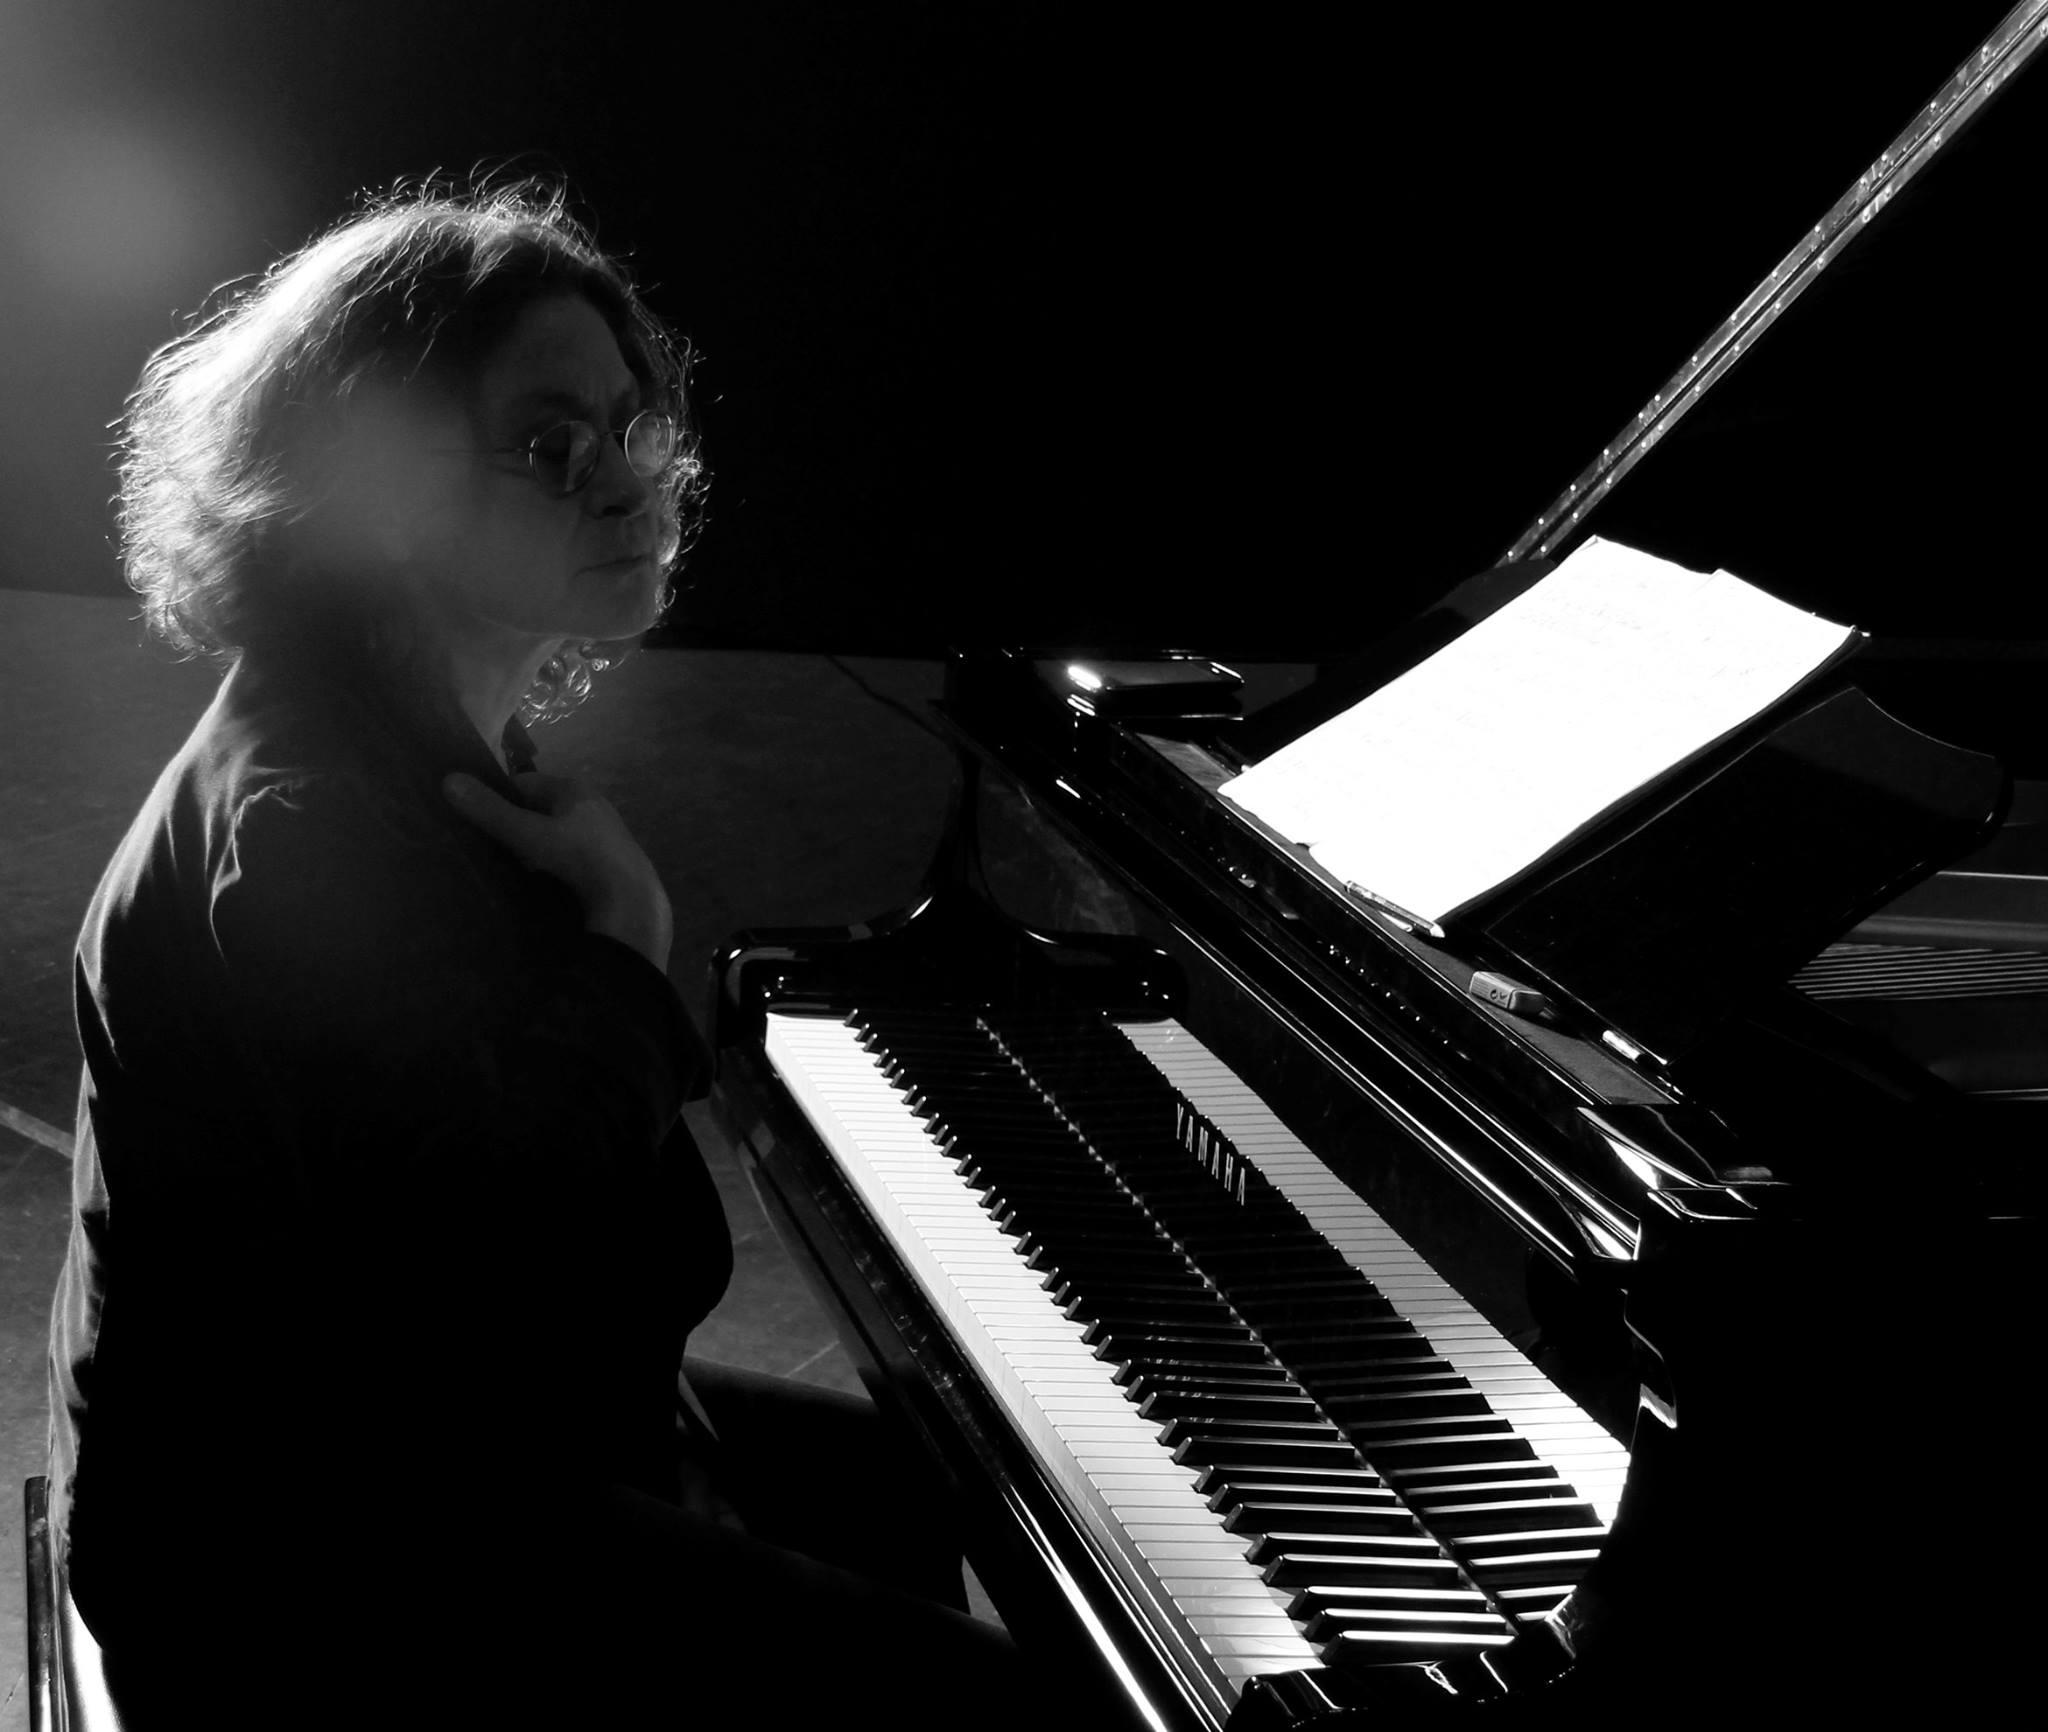 'Müzikte ticari bir beklentin olmaması, gittikçe genişleyen bir dayanışma ağı olmadıkça çözüm değil'